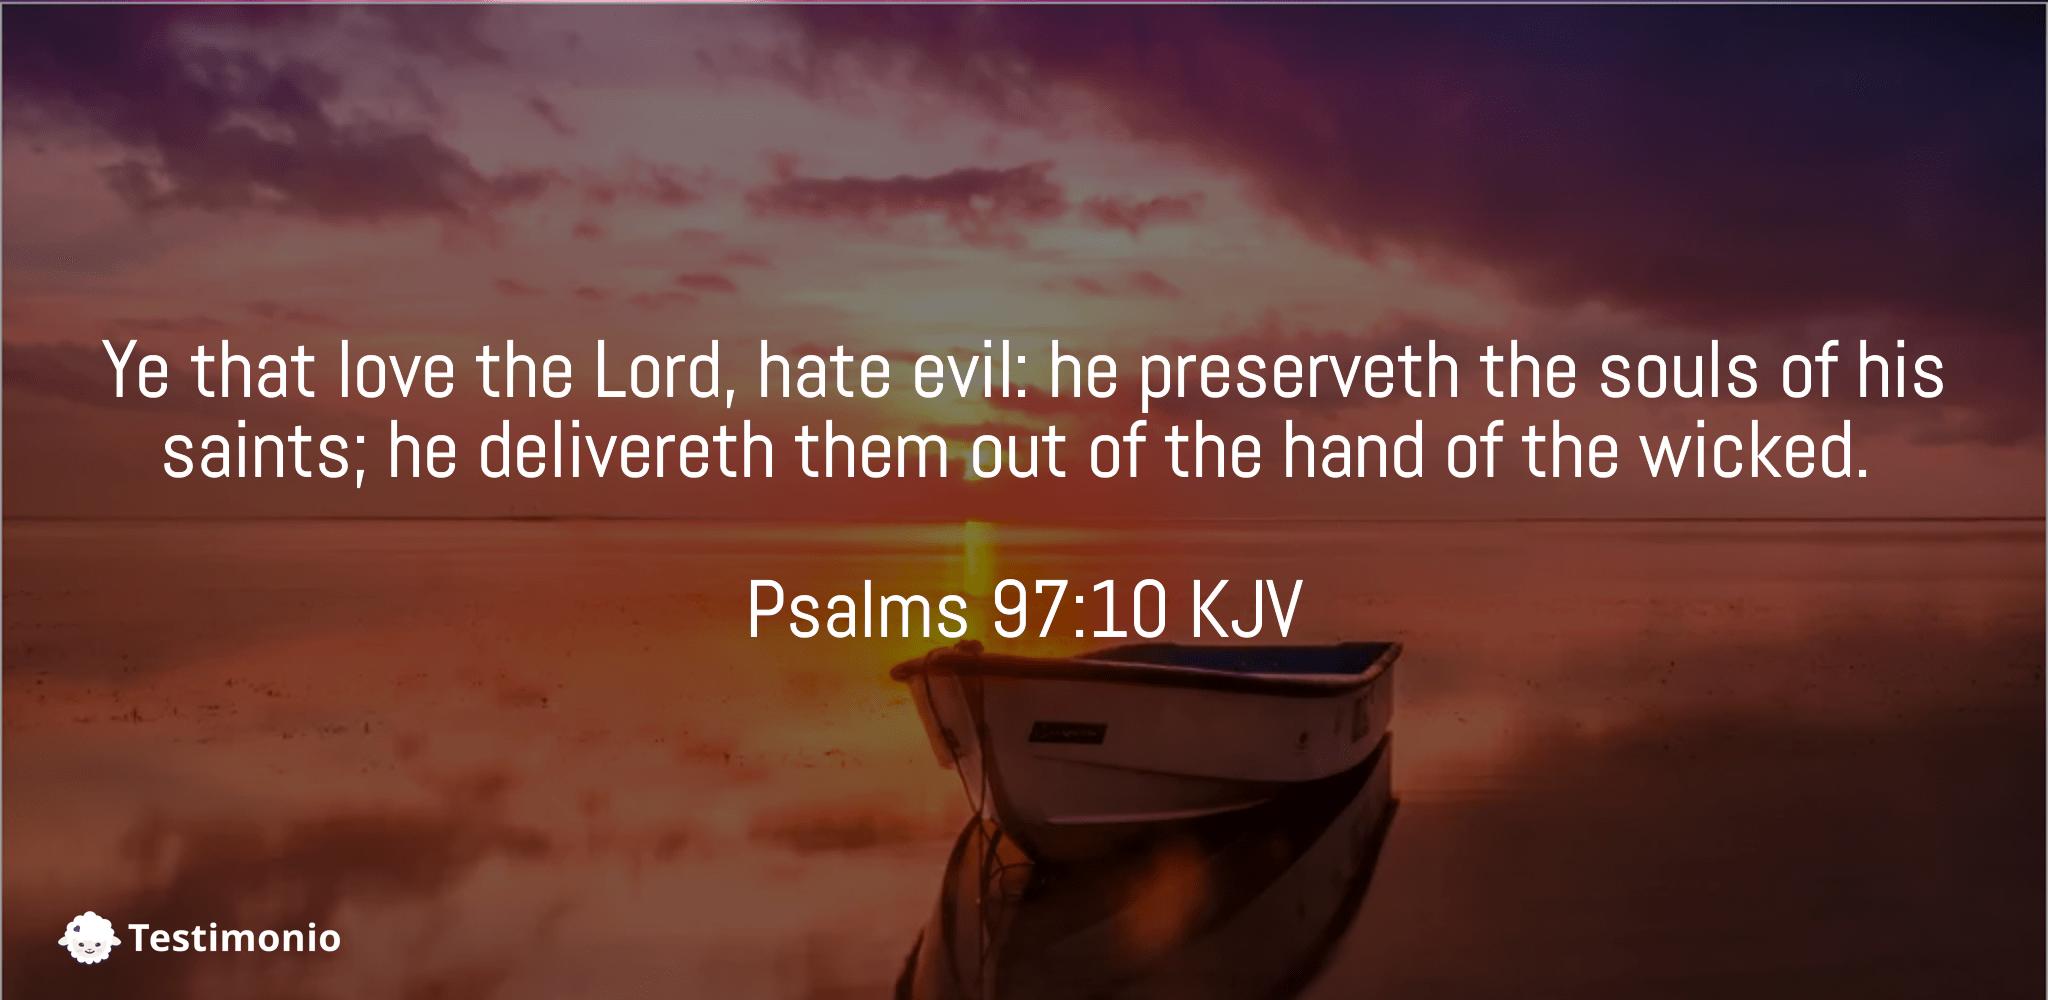 Psalms 97:10